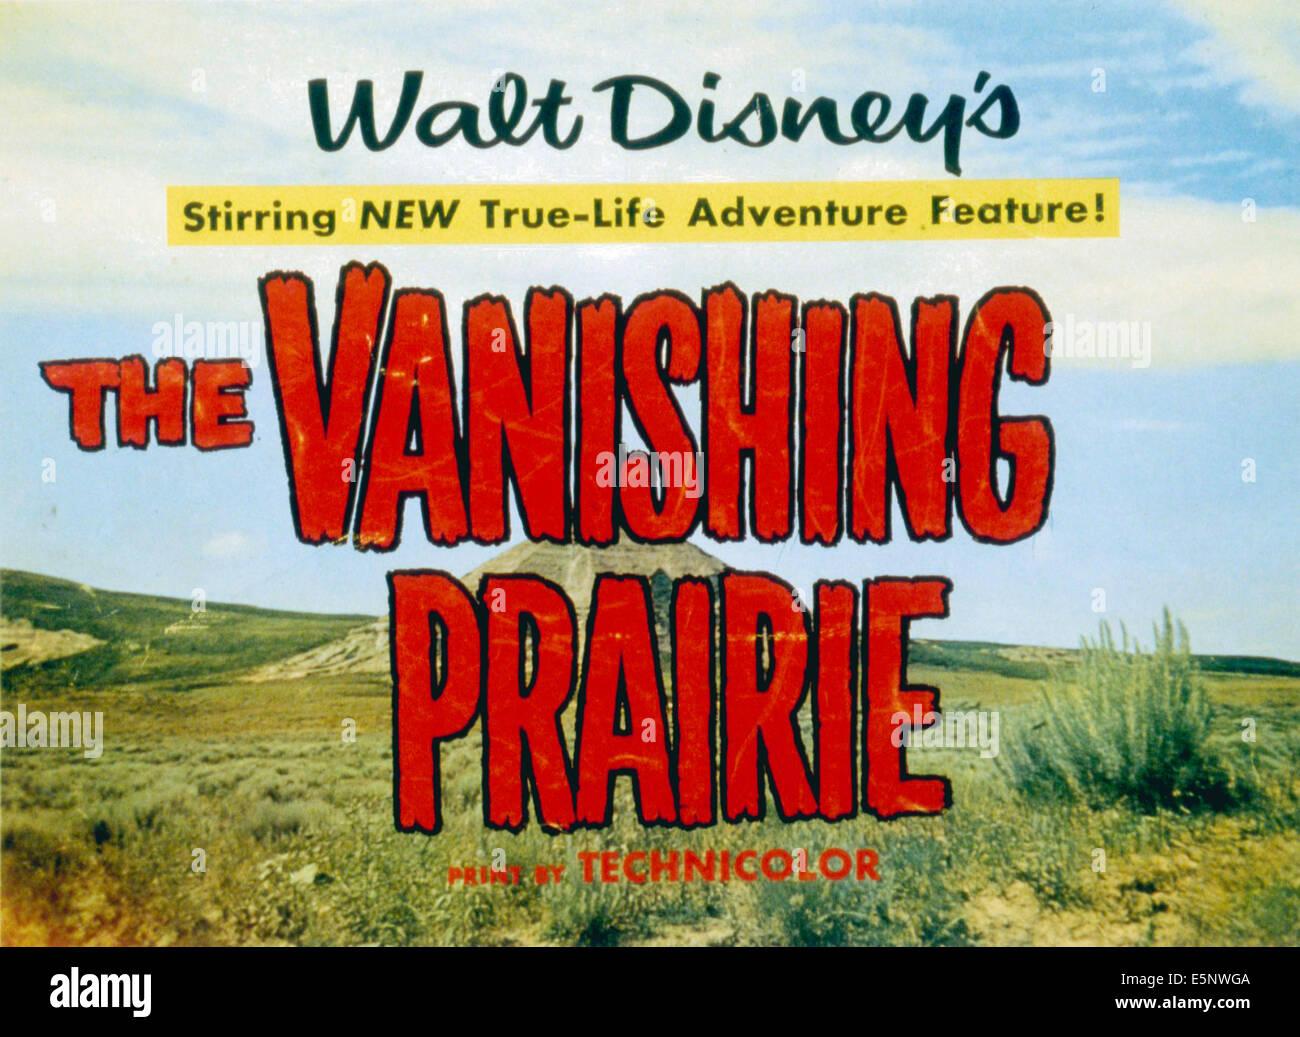 THE VANISHING PRAIRIE, 1954. - Stock Image